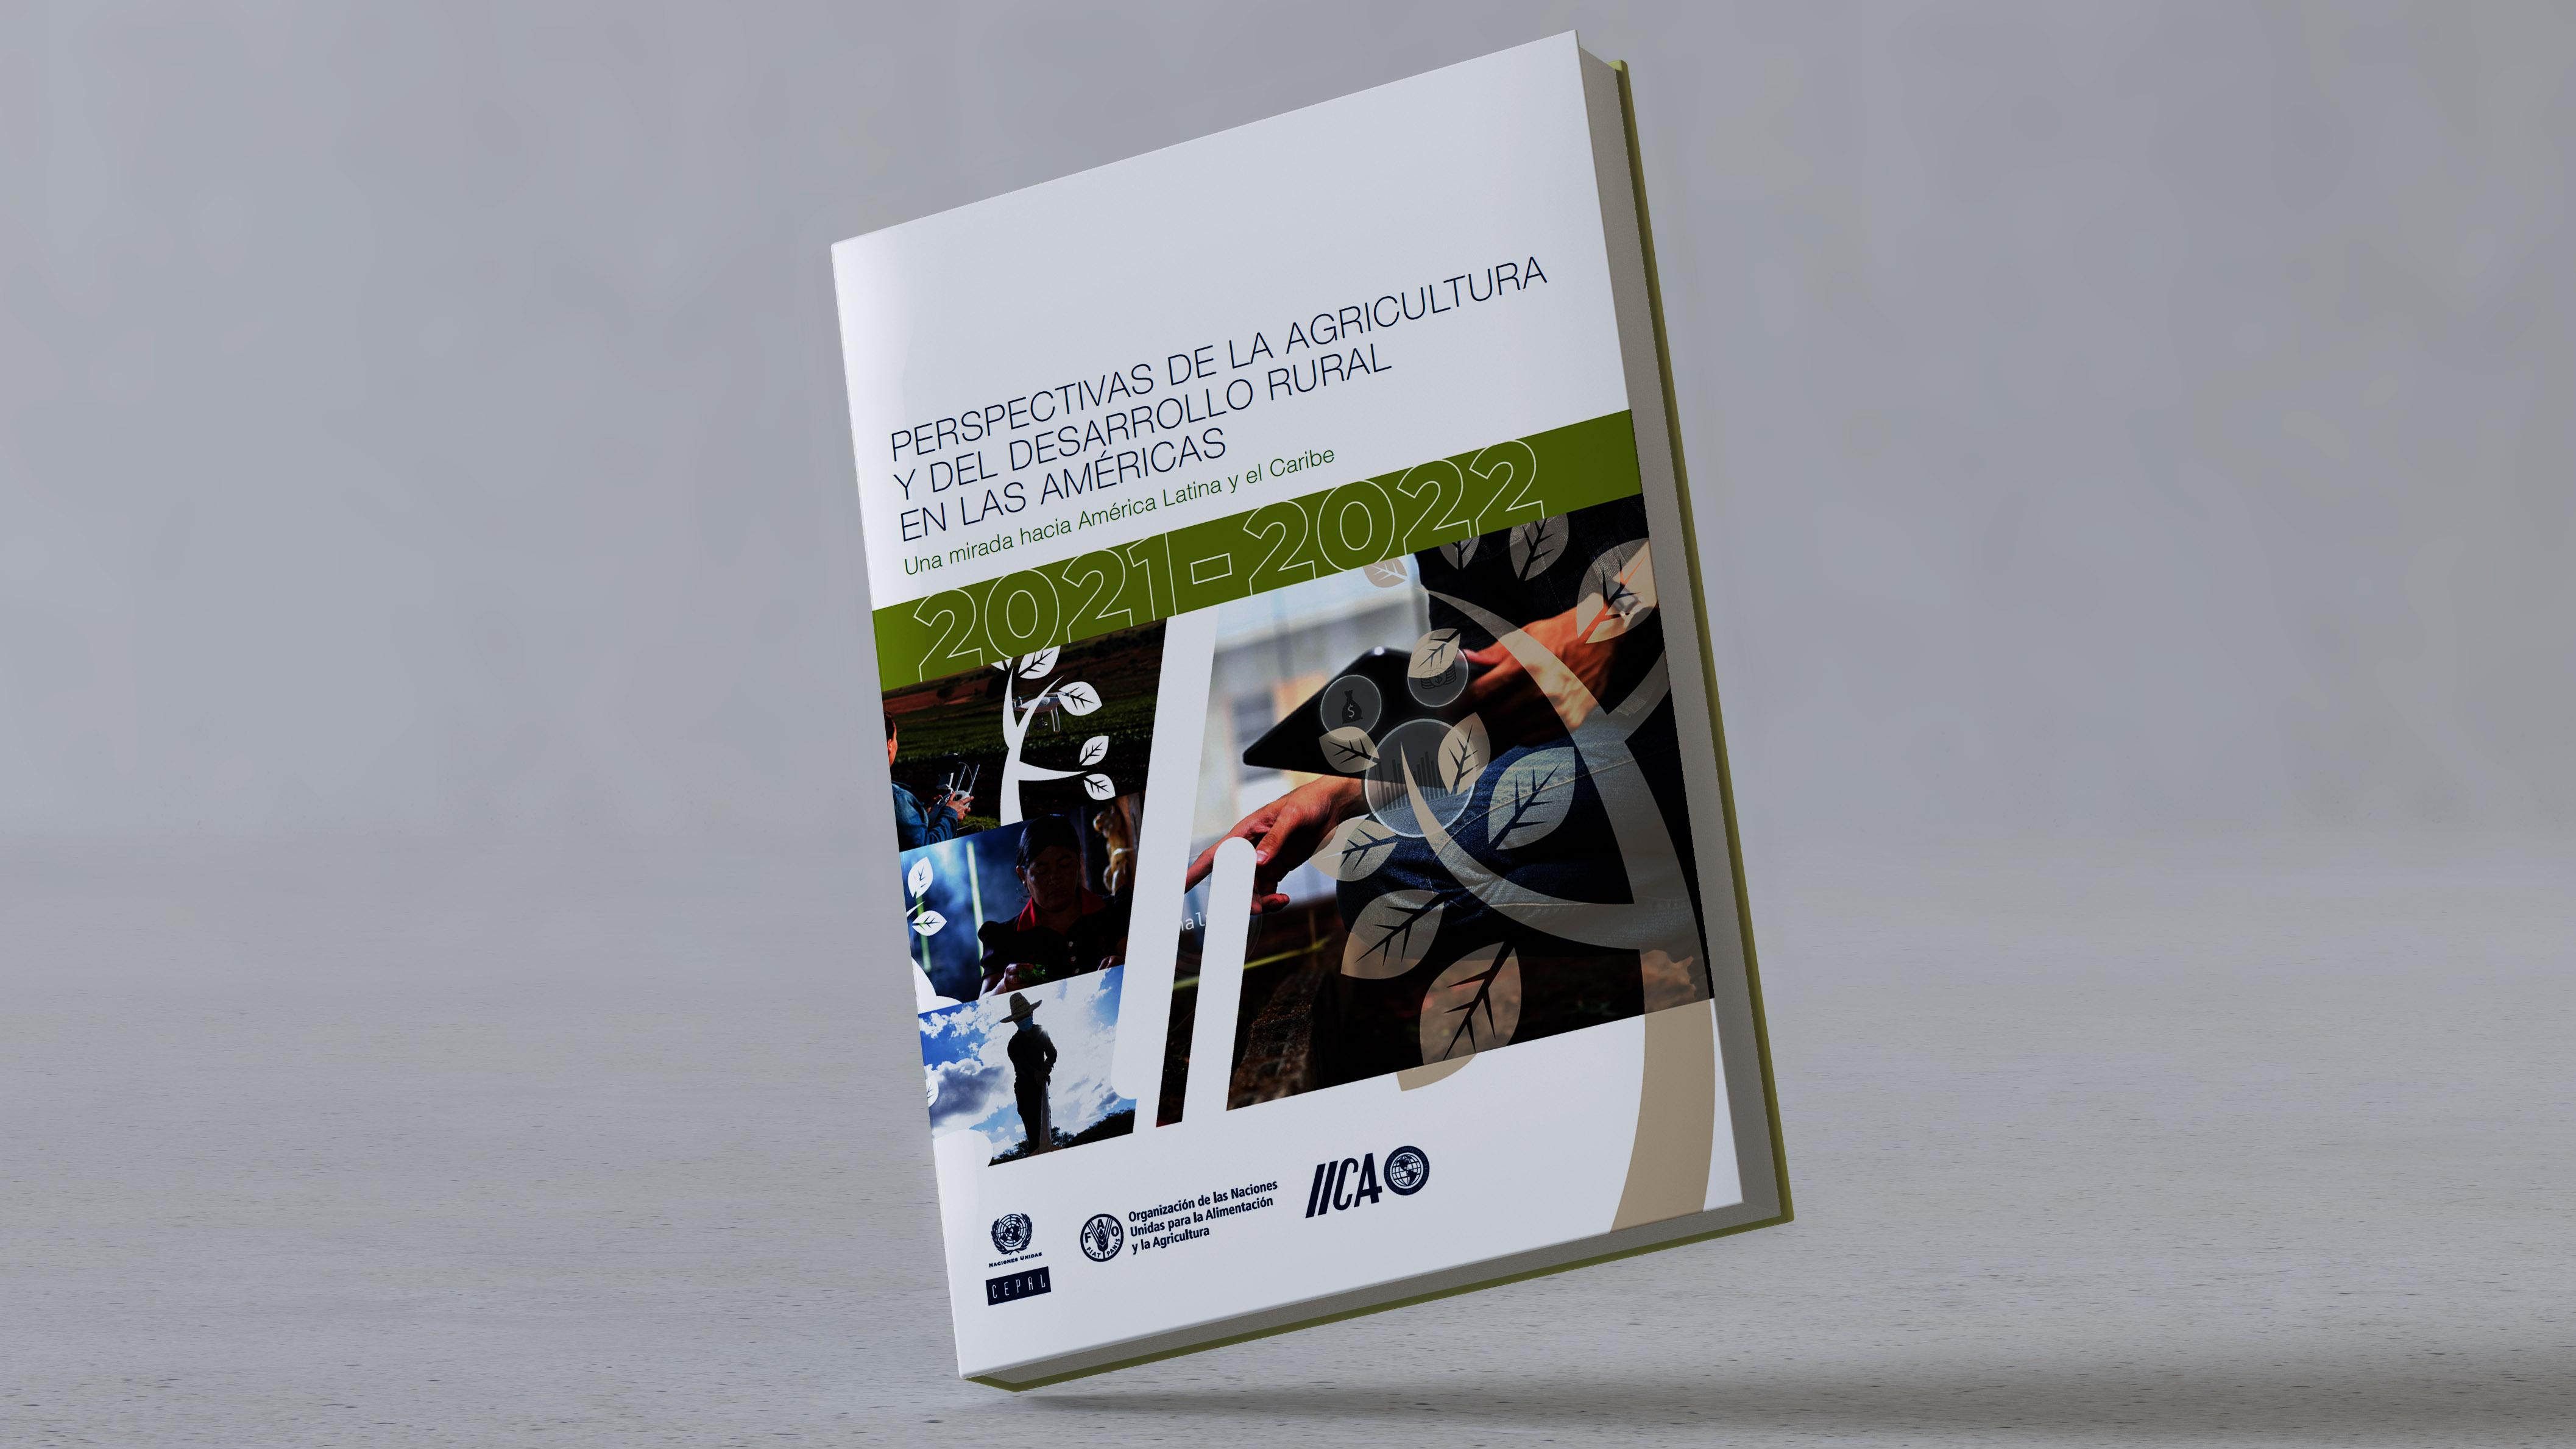 Portada Perspectivas de la Agricultura y del Desarrollo Rural en las Américas, una mirada hacia América Latina y el Caribe